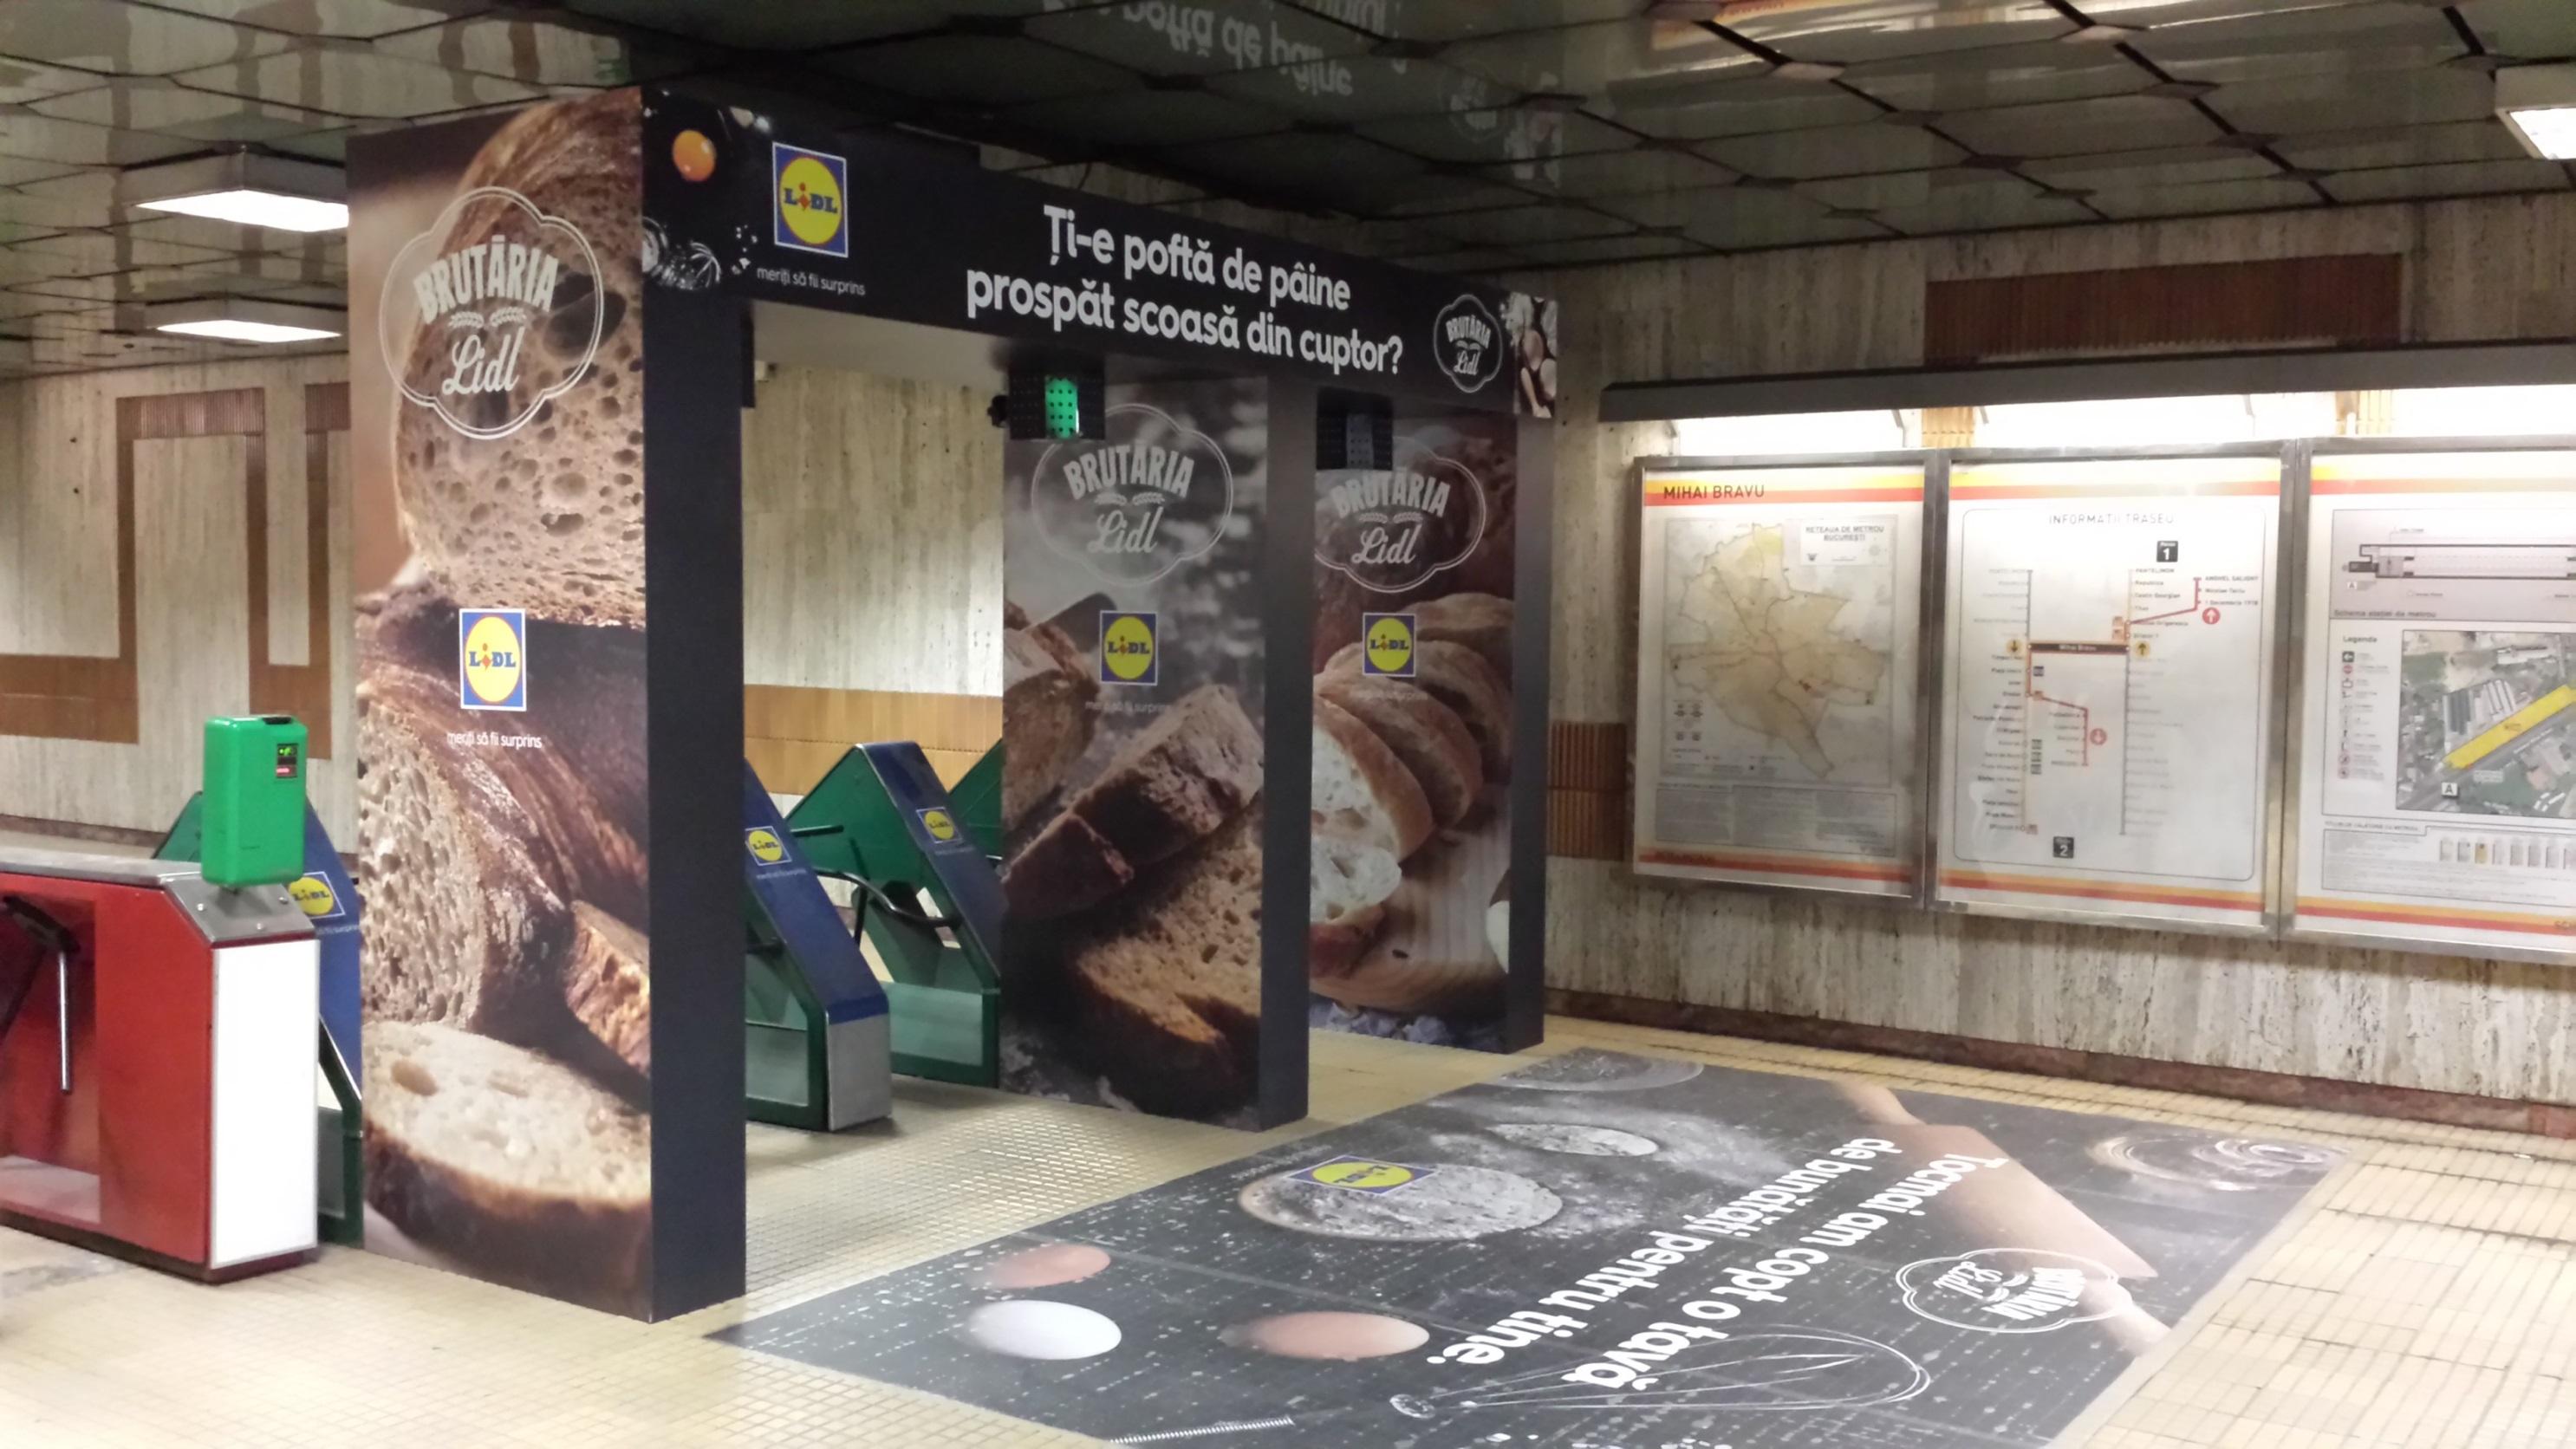 Initiative a adus brutăria Lidl la metrou